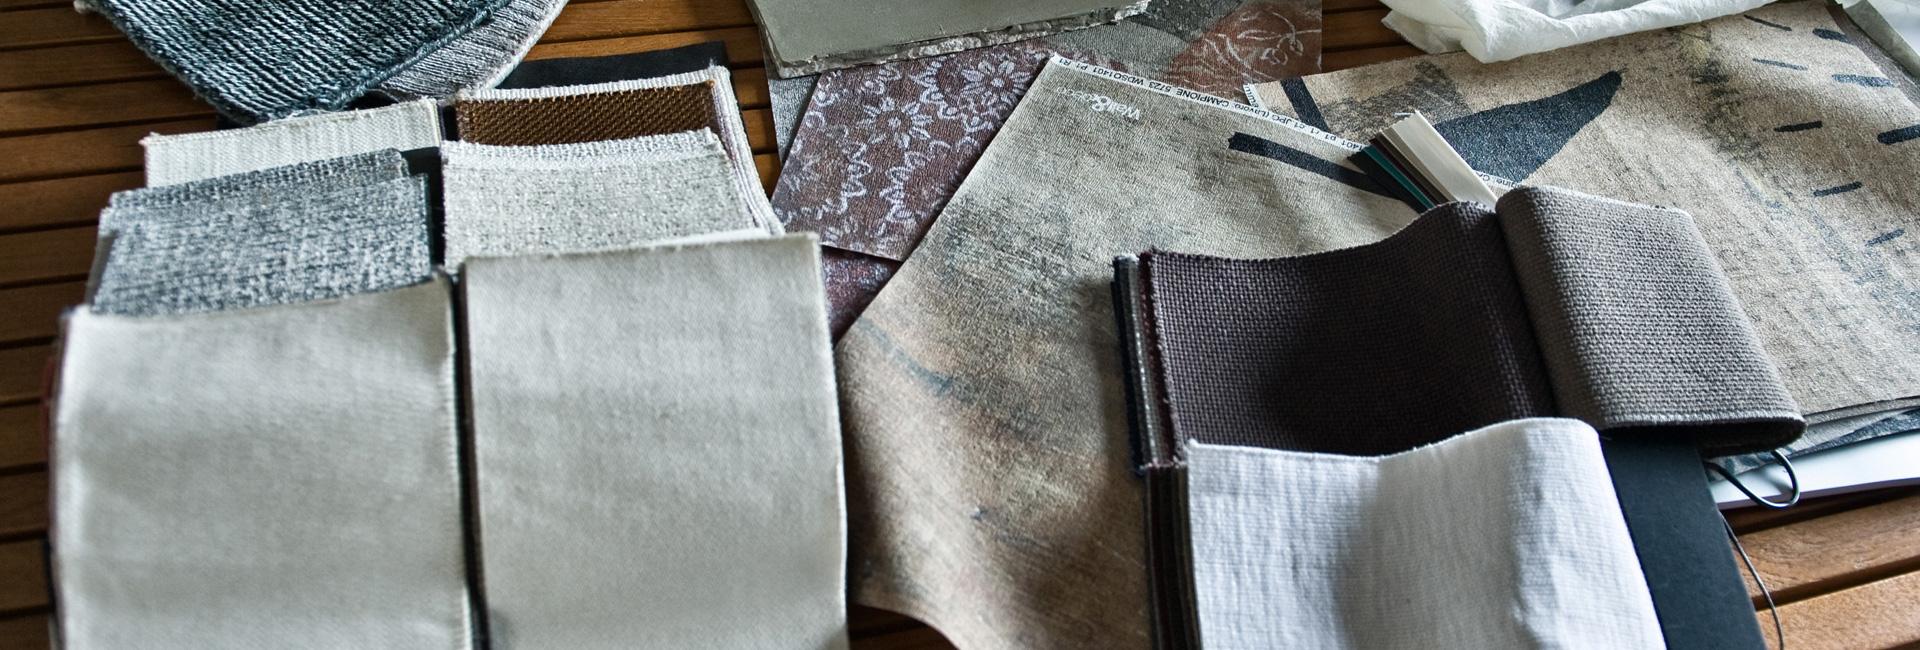 Contini arredamento brescia interior design brescia for Arredamento brescia